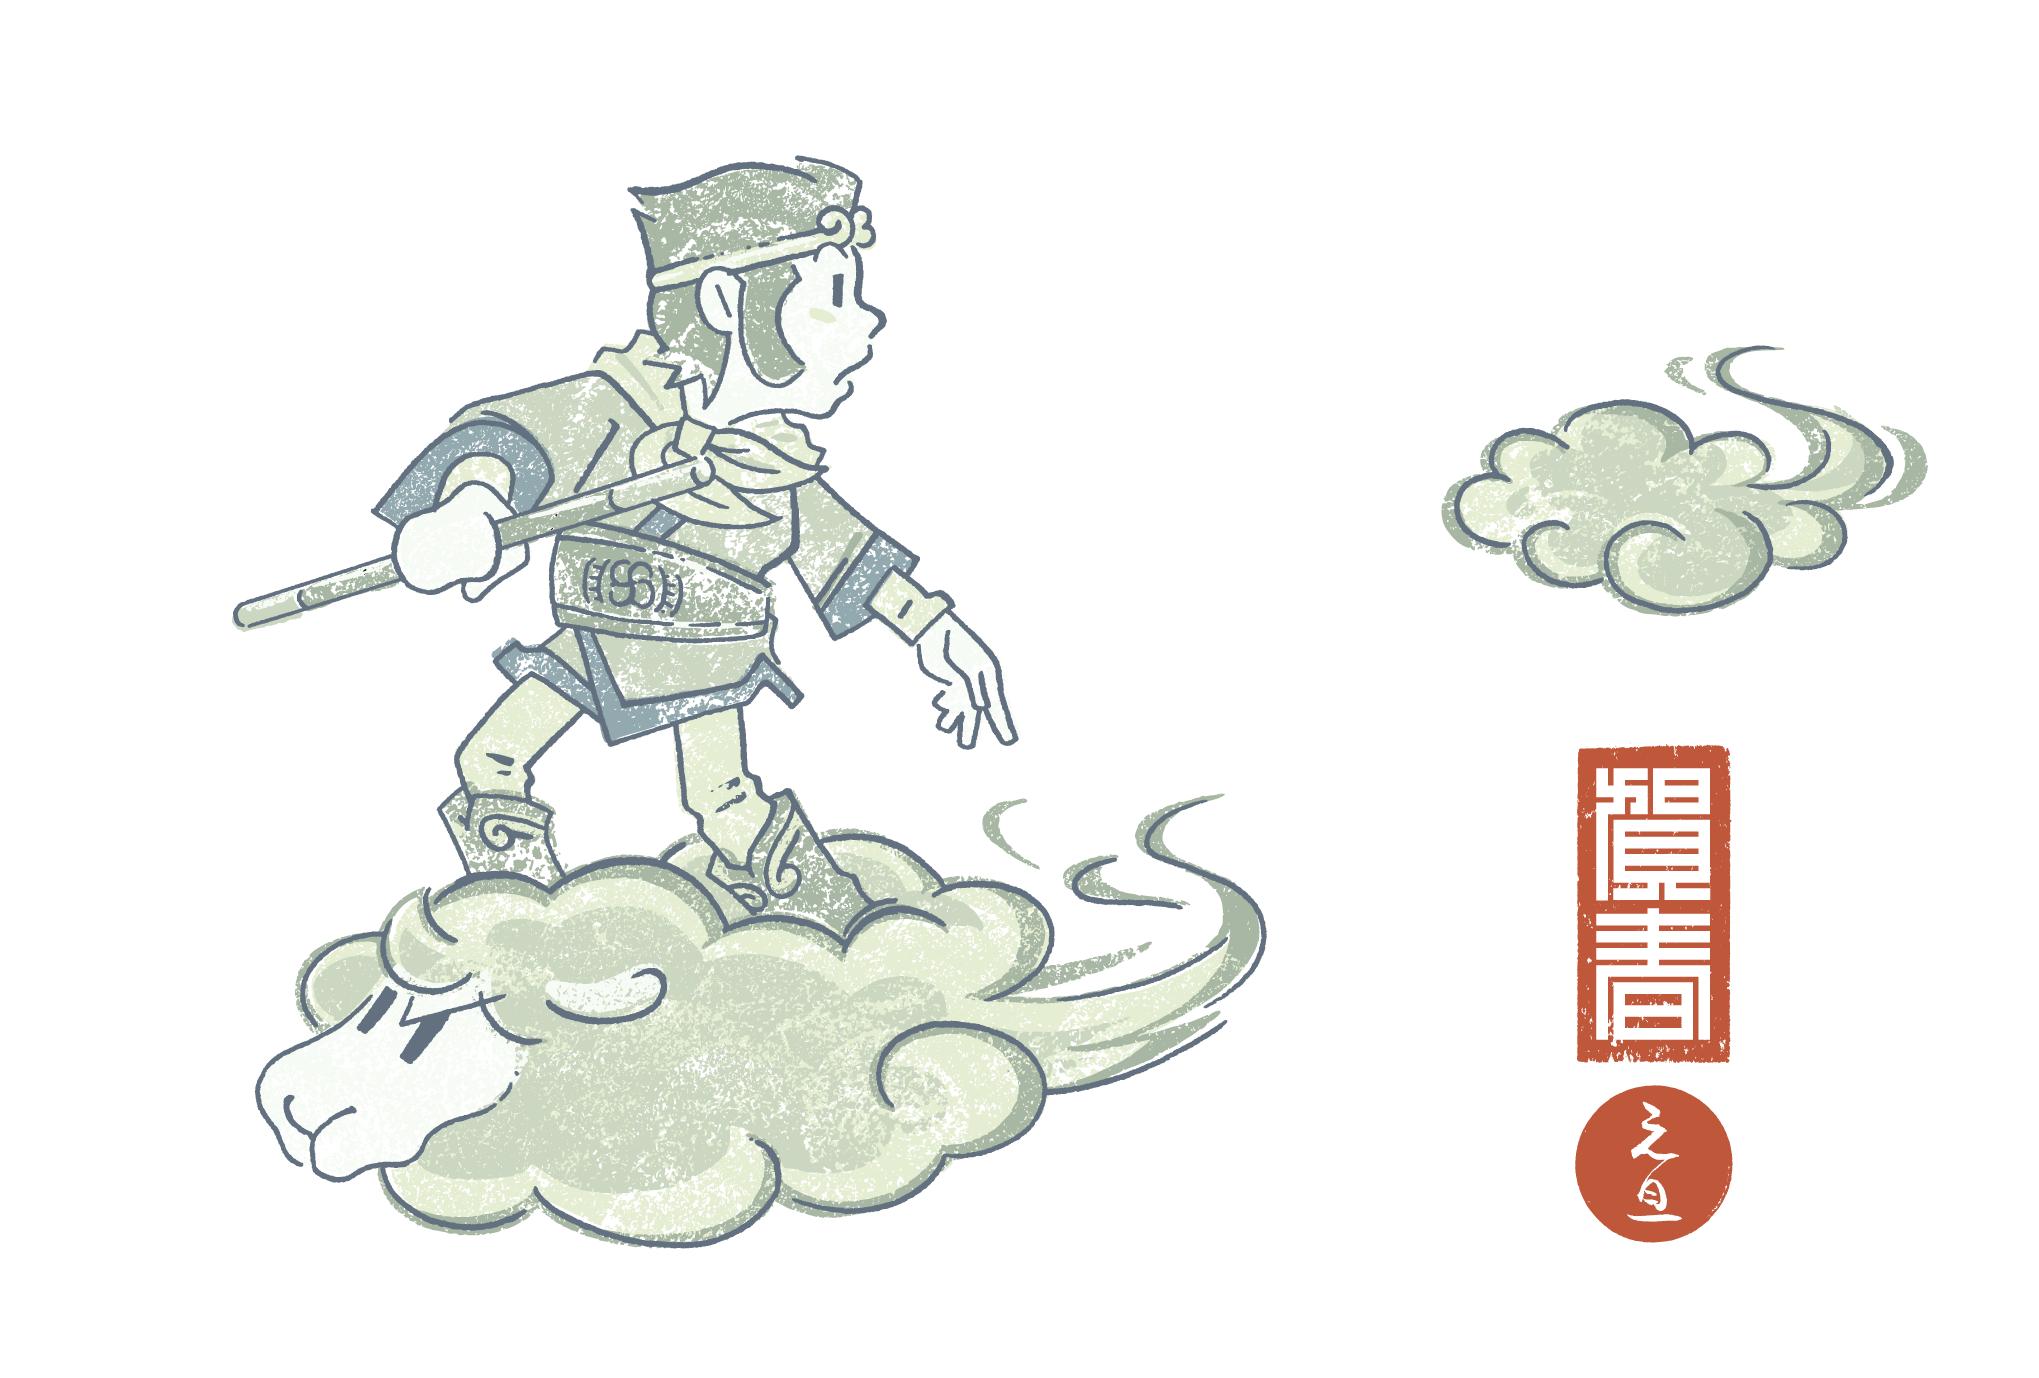 2015年賀状09-2:羊の筋斗雲 / redraw 2のダウンロード画像